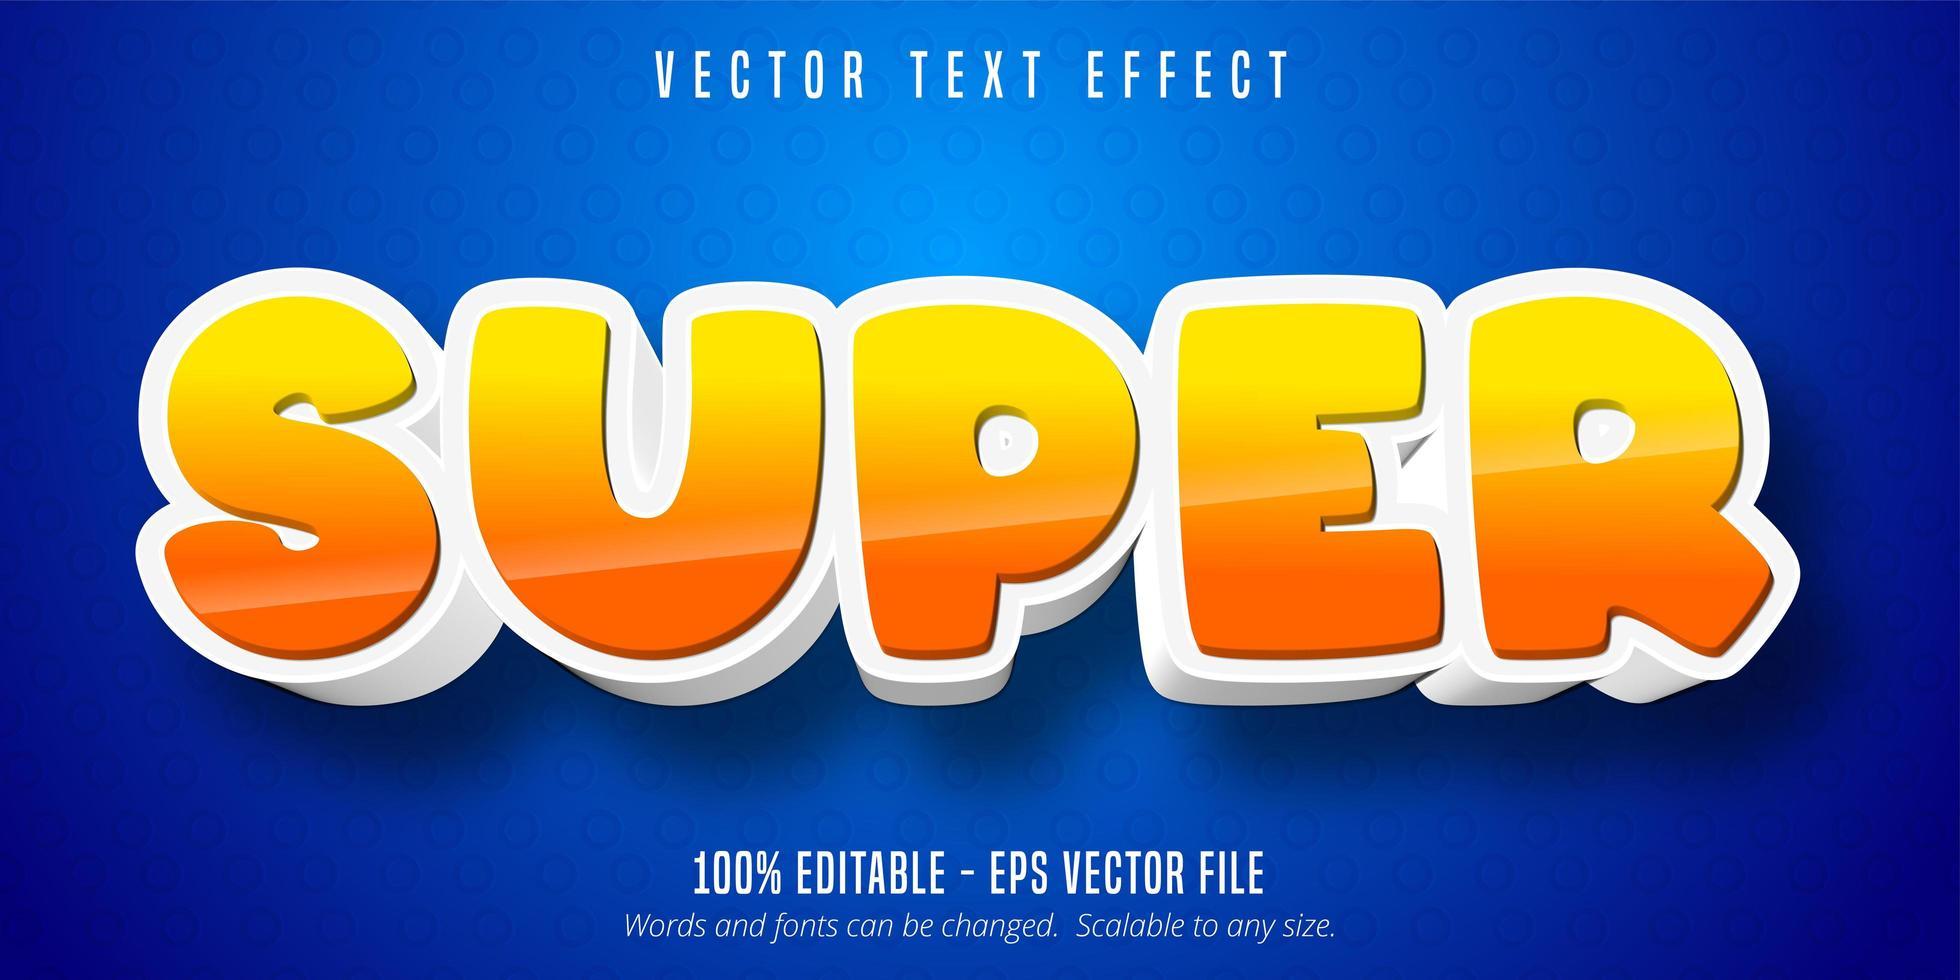 effetto di testo modificabile in stile super cartoon giallo e arancione vettore